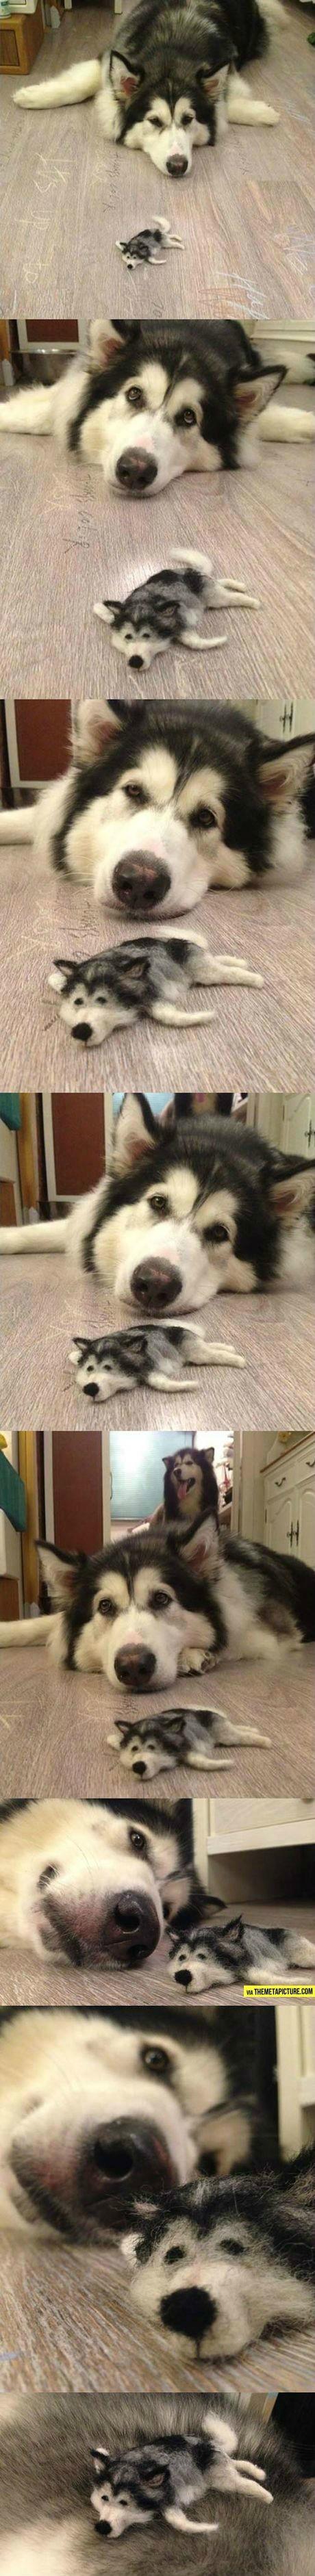 dog-meta